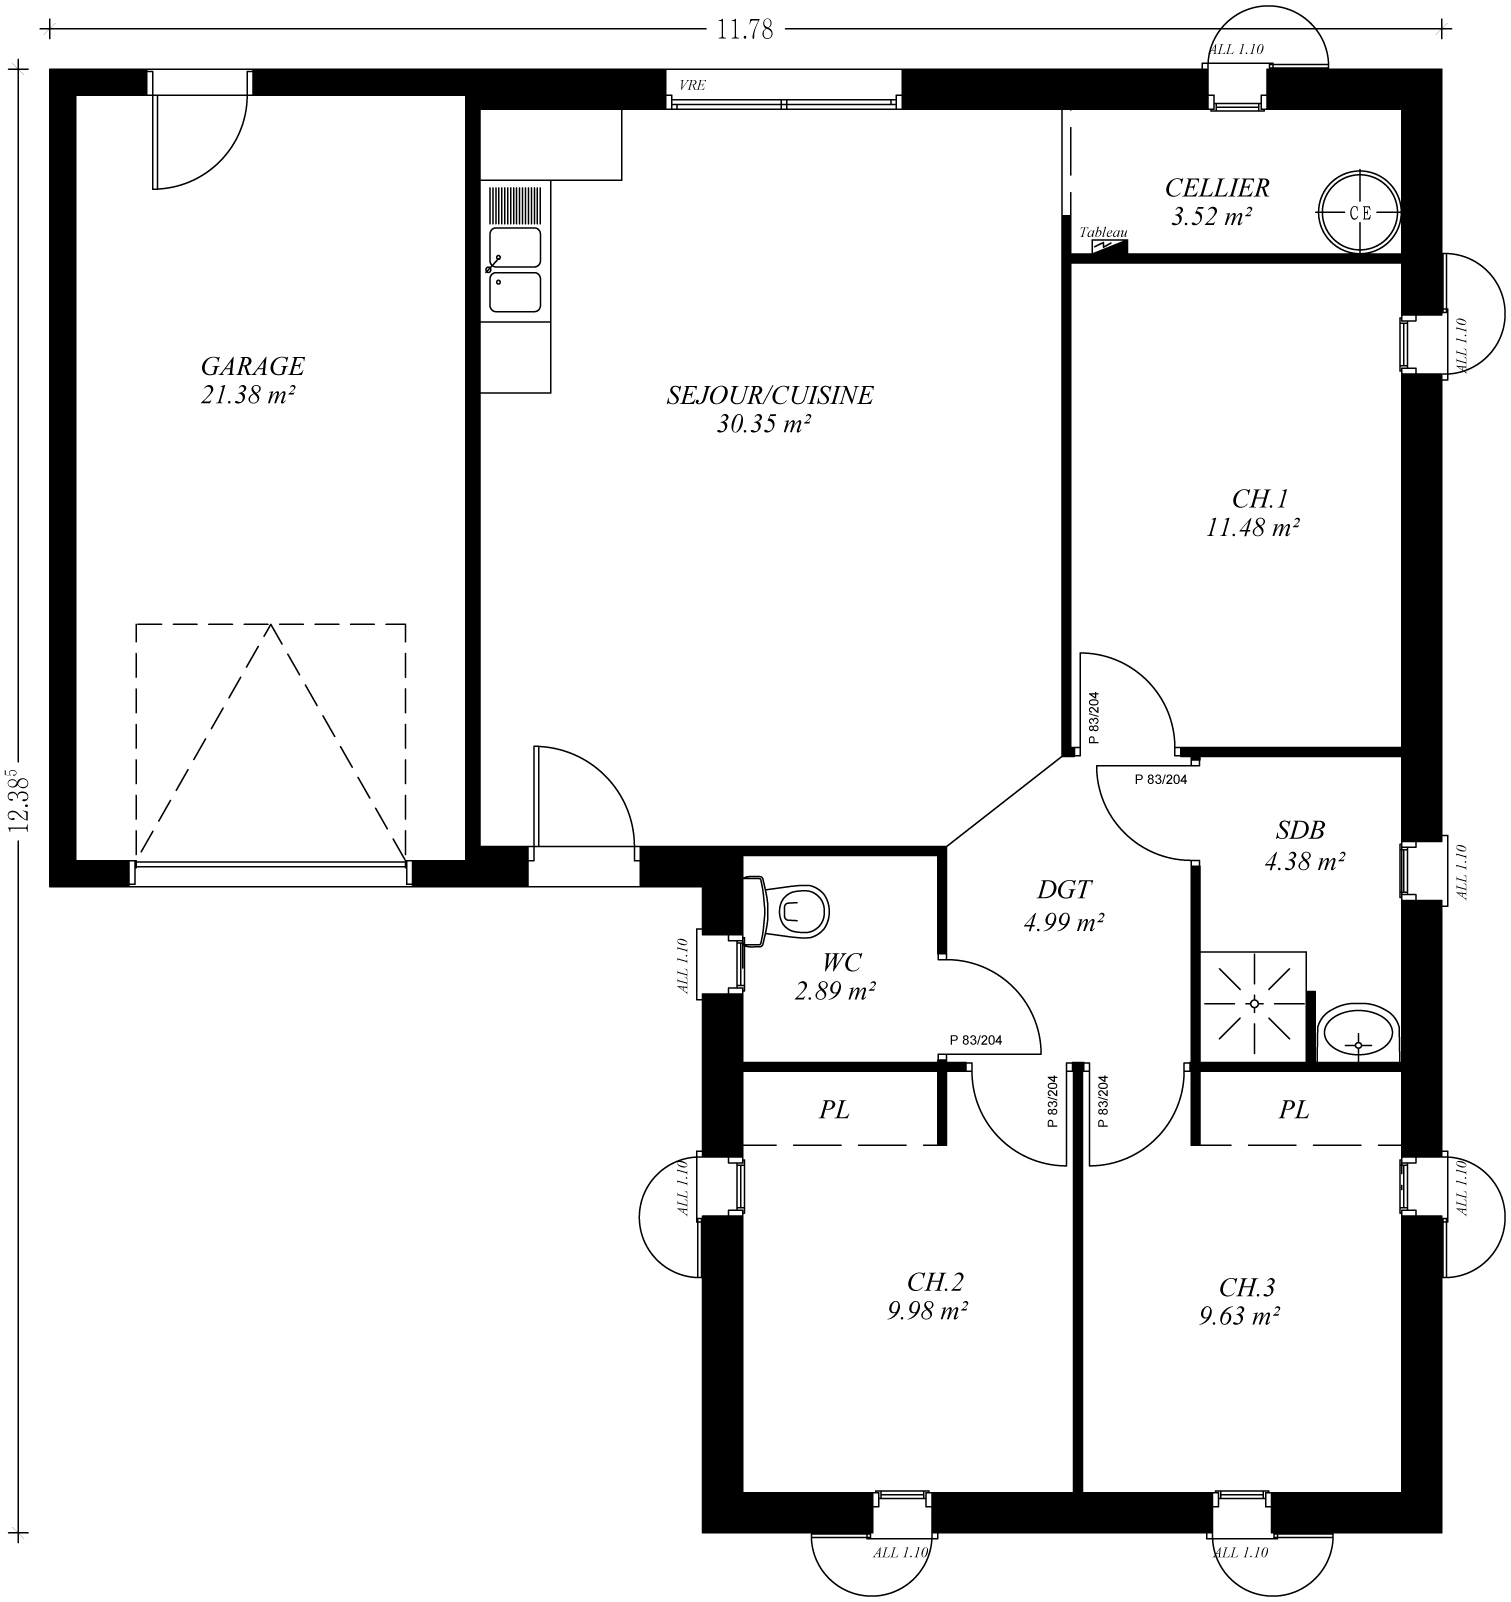 Prix construction maison plain pied - Menuiserie